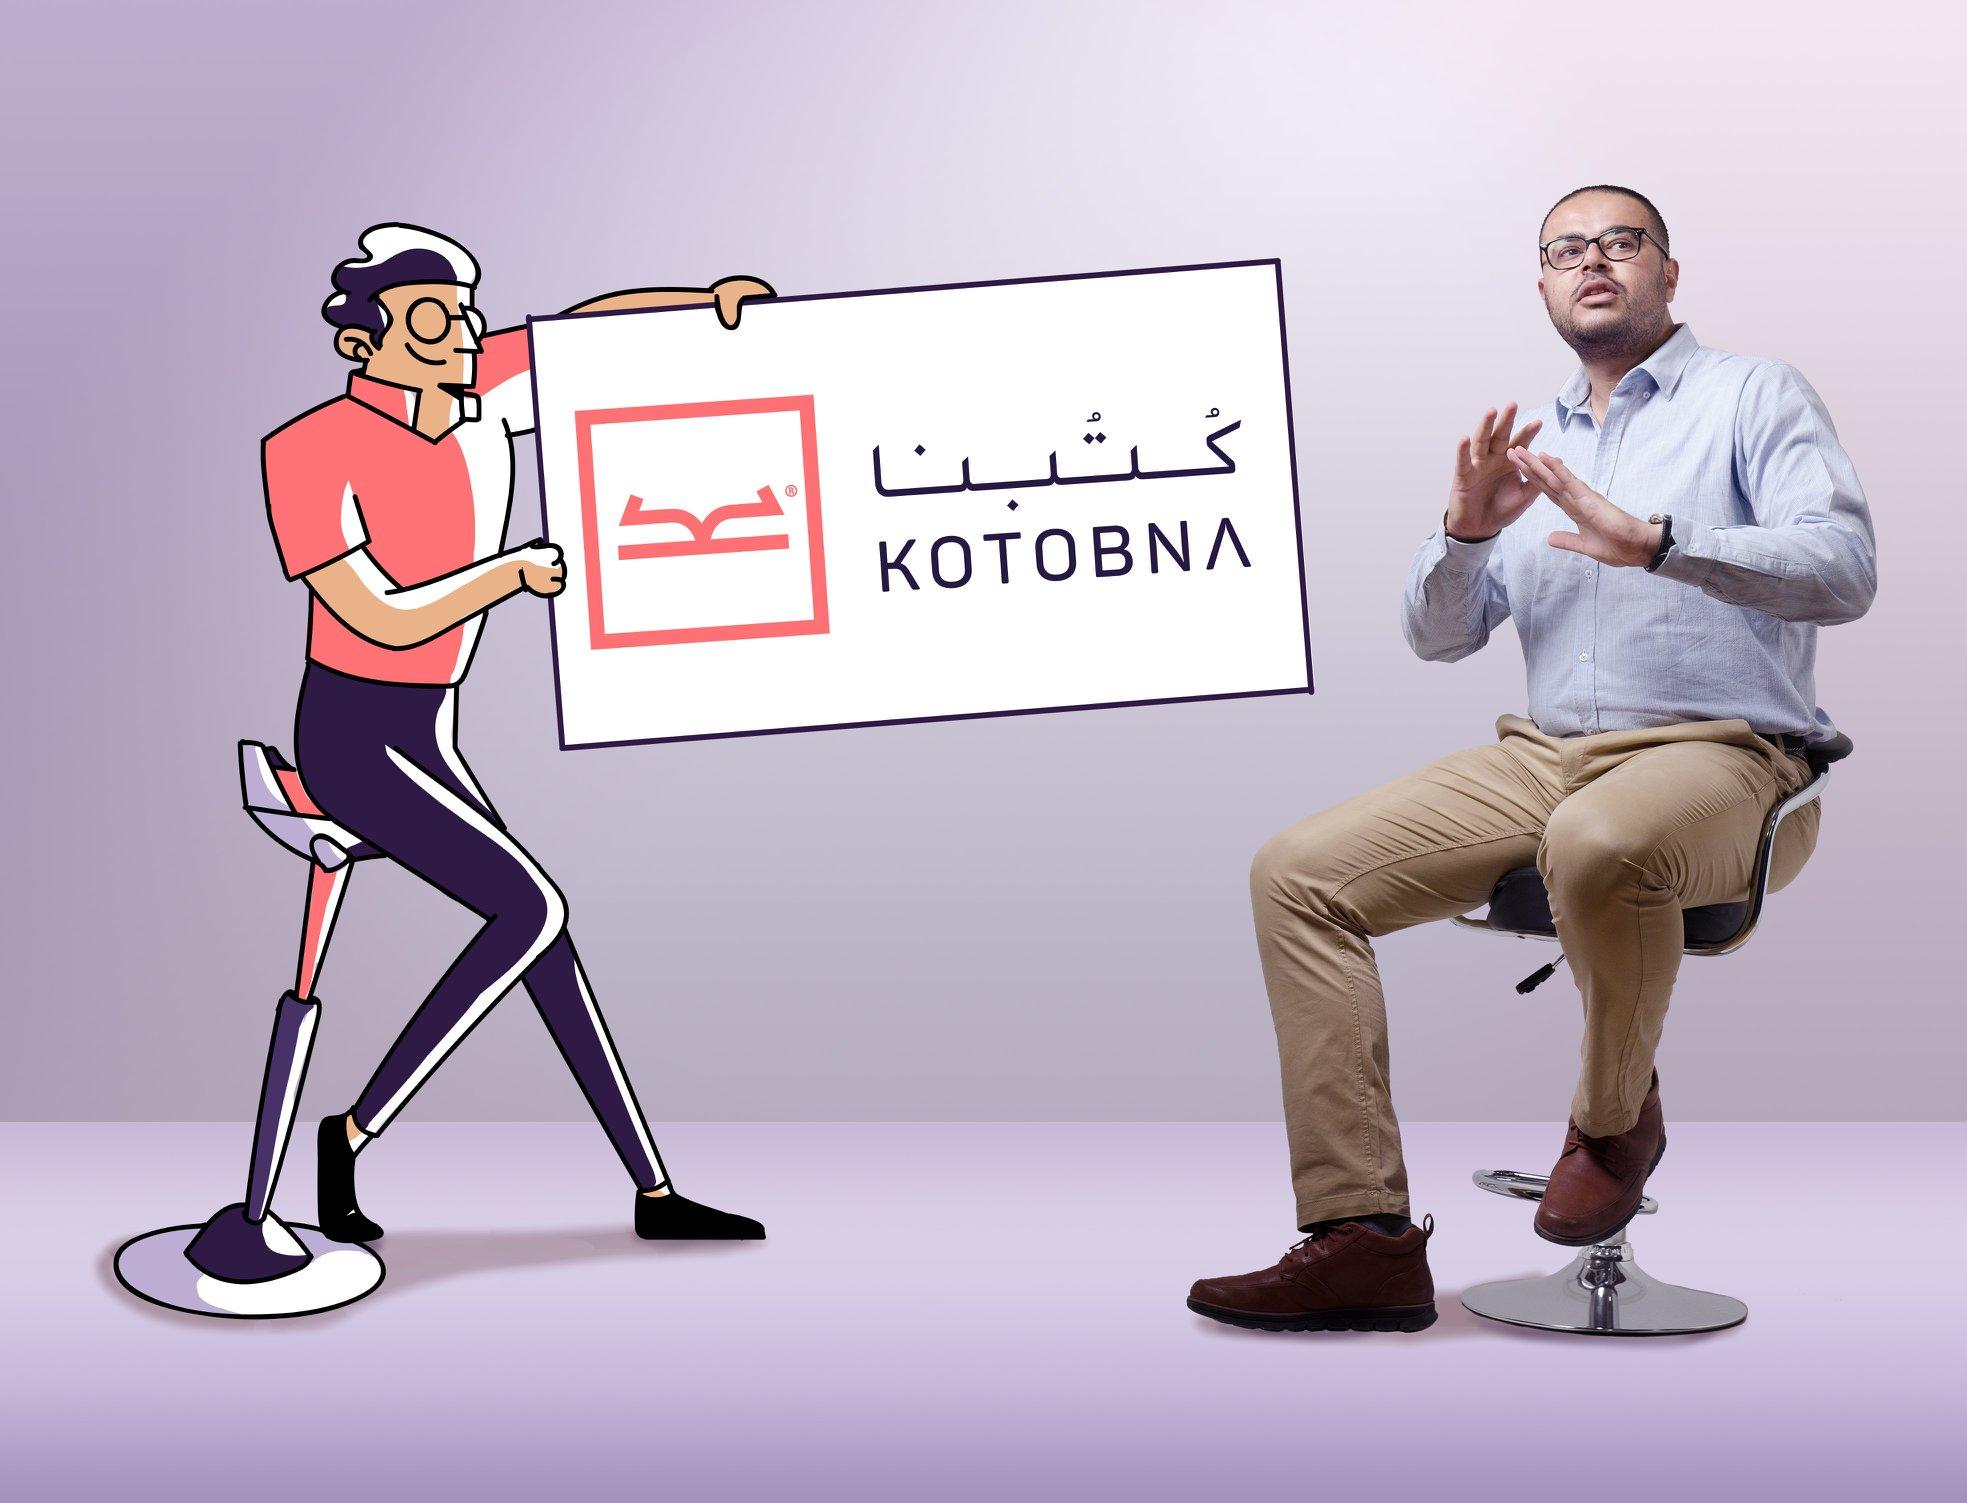 محمد جمال صاحب منصة كتبنا